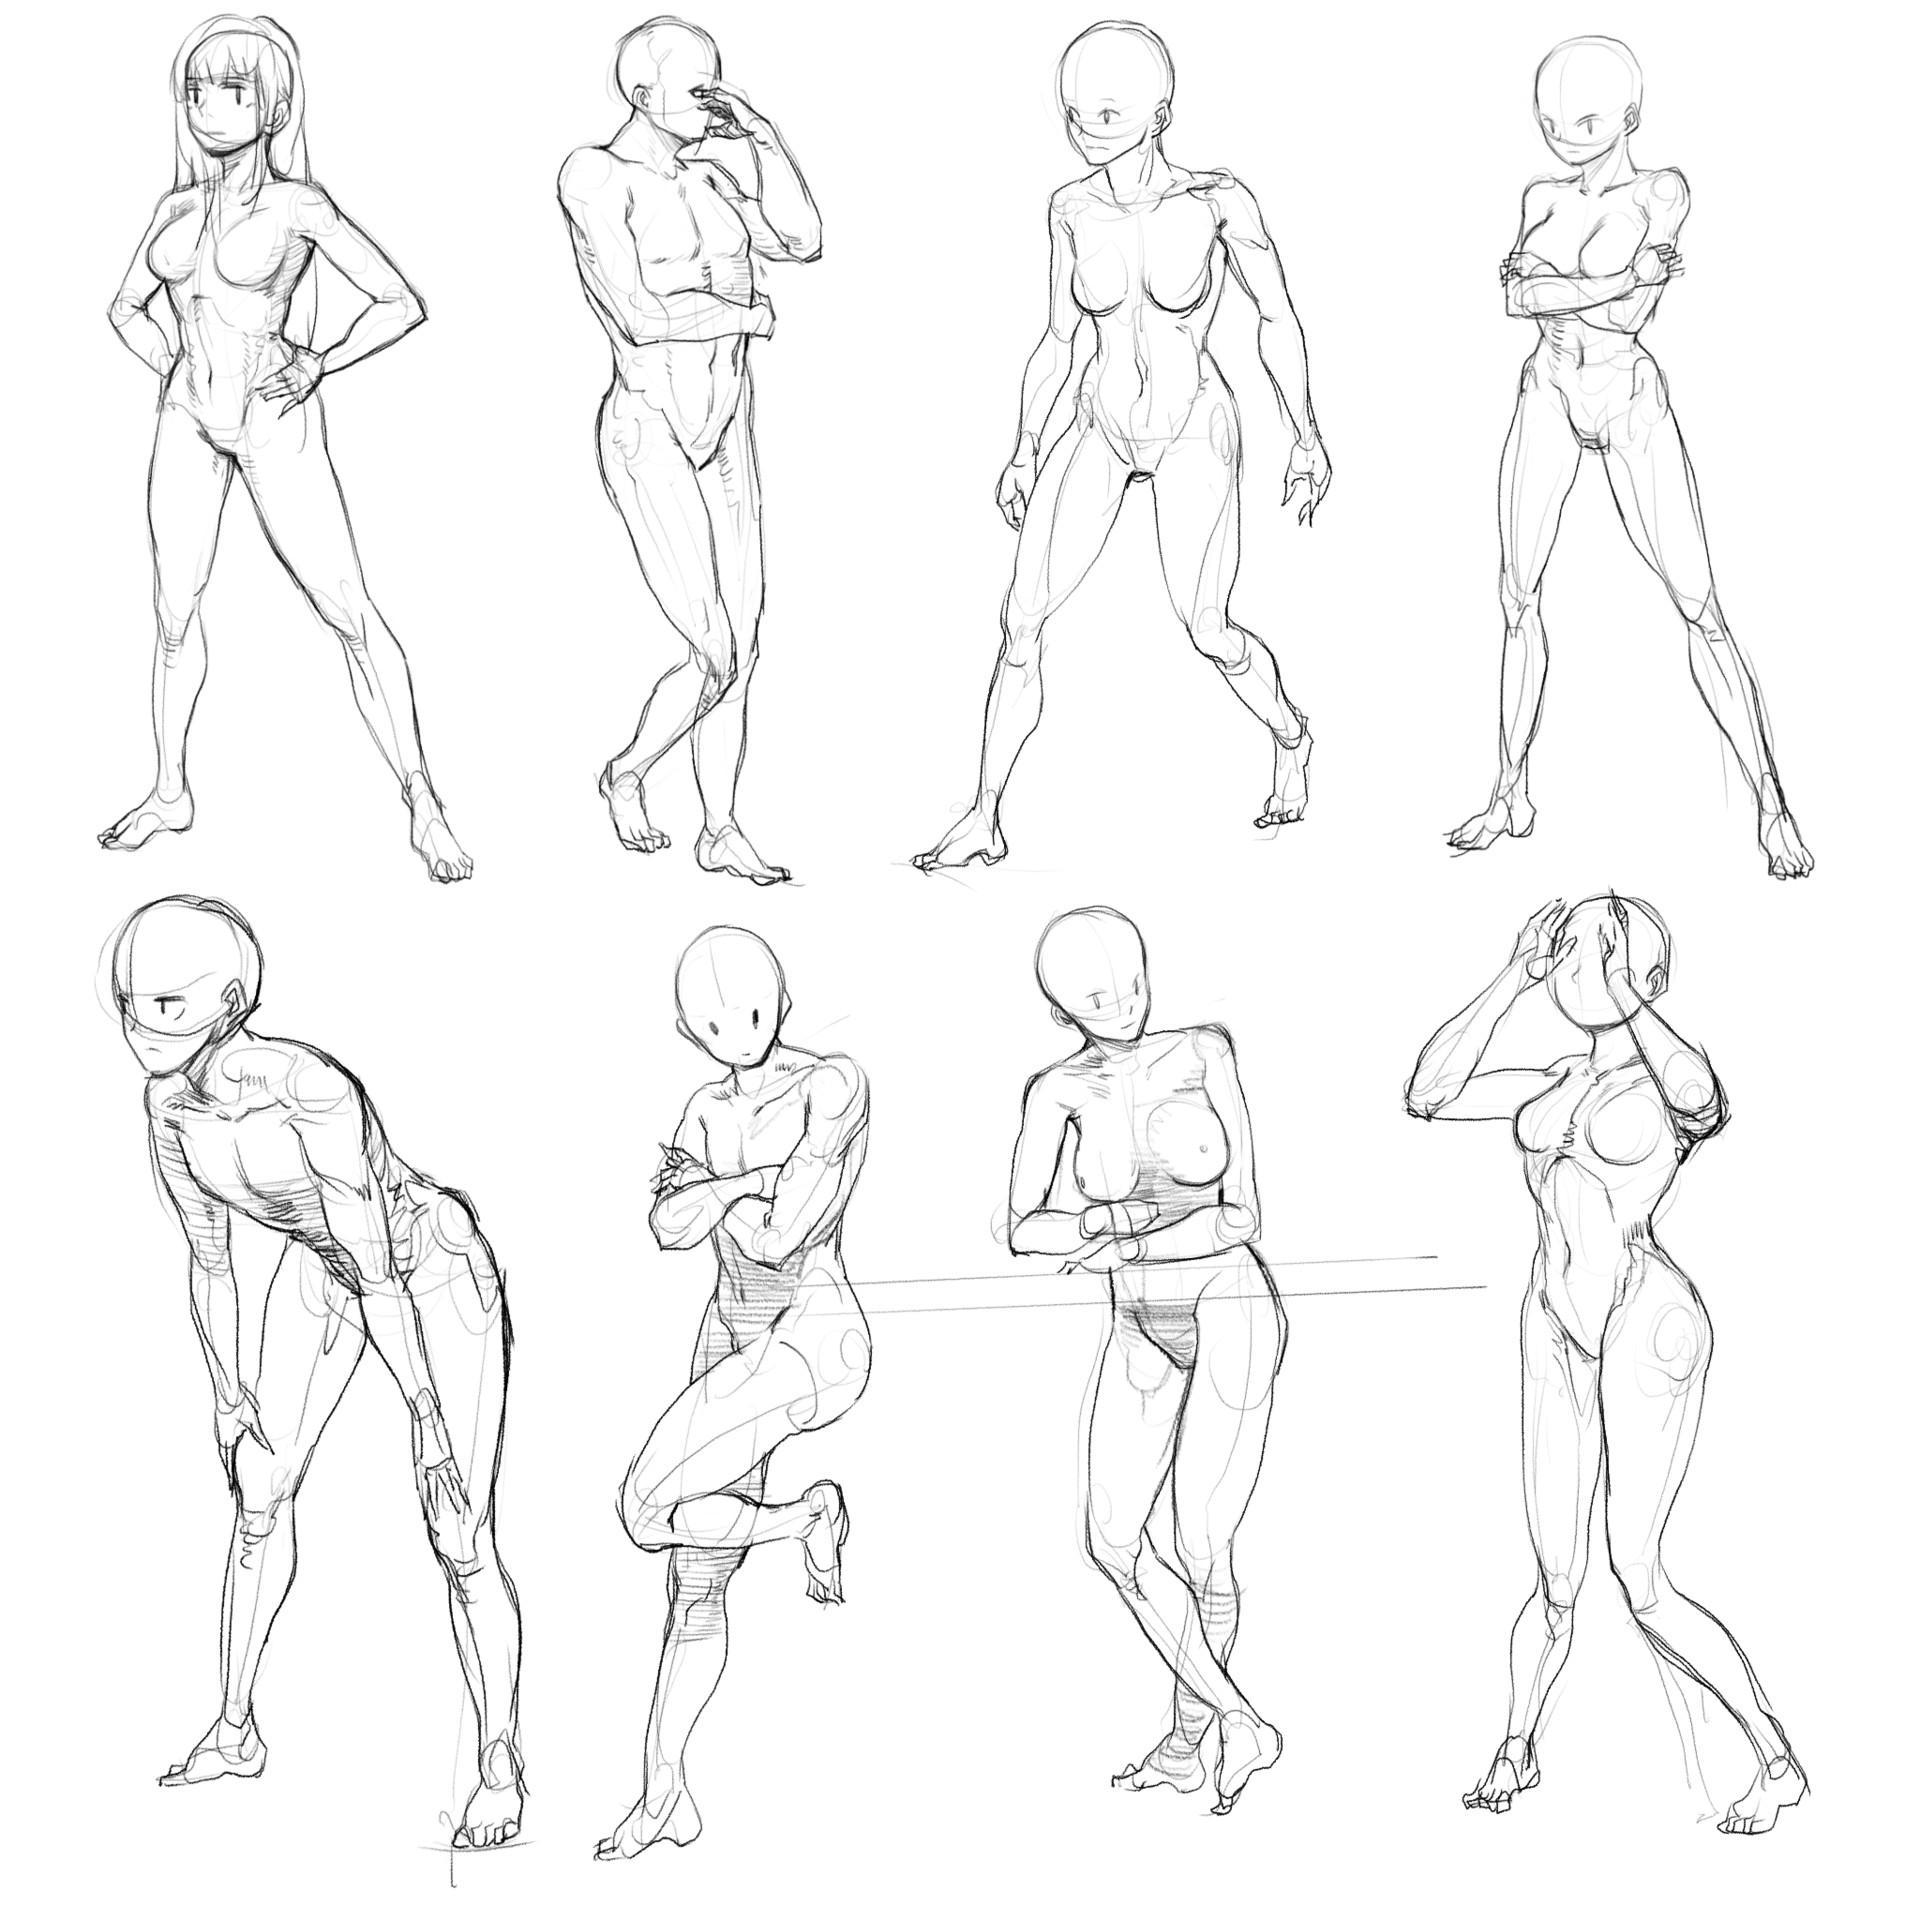 原画插画-人体速写光影肤色律动的曲线肢体语言作品原画插画线稿186P(22)